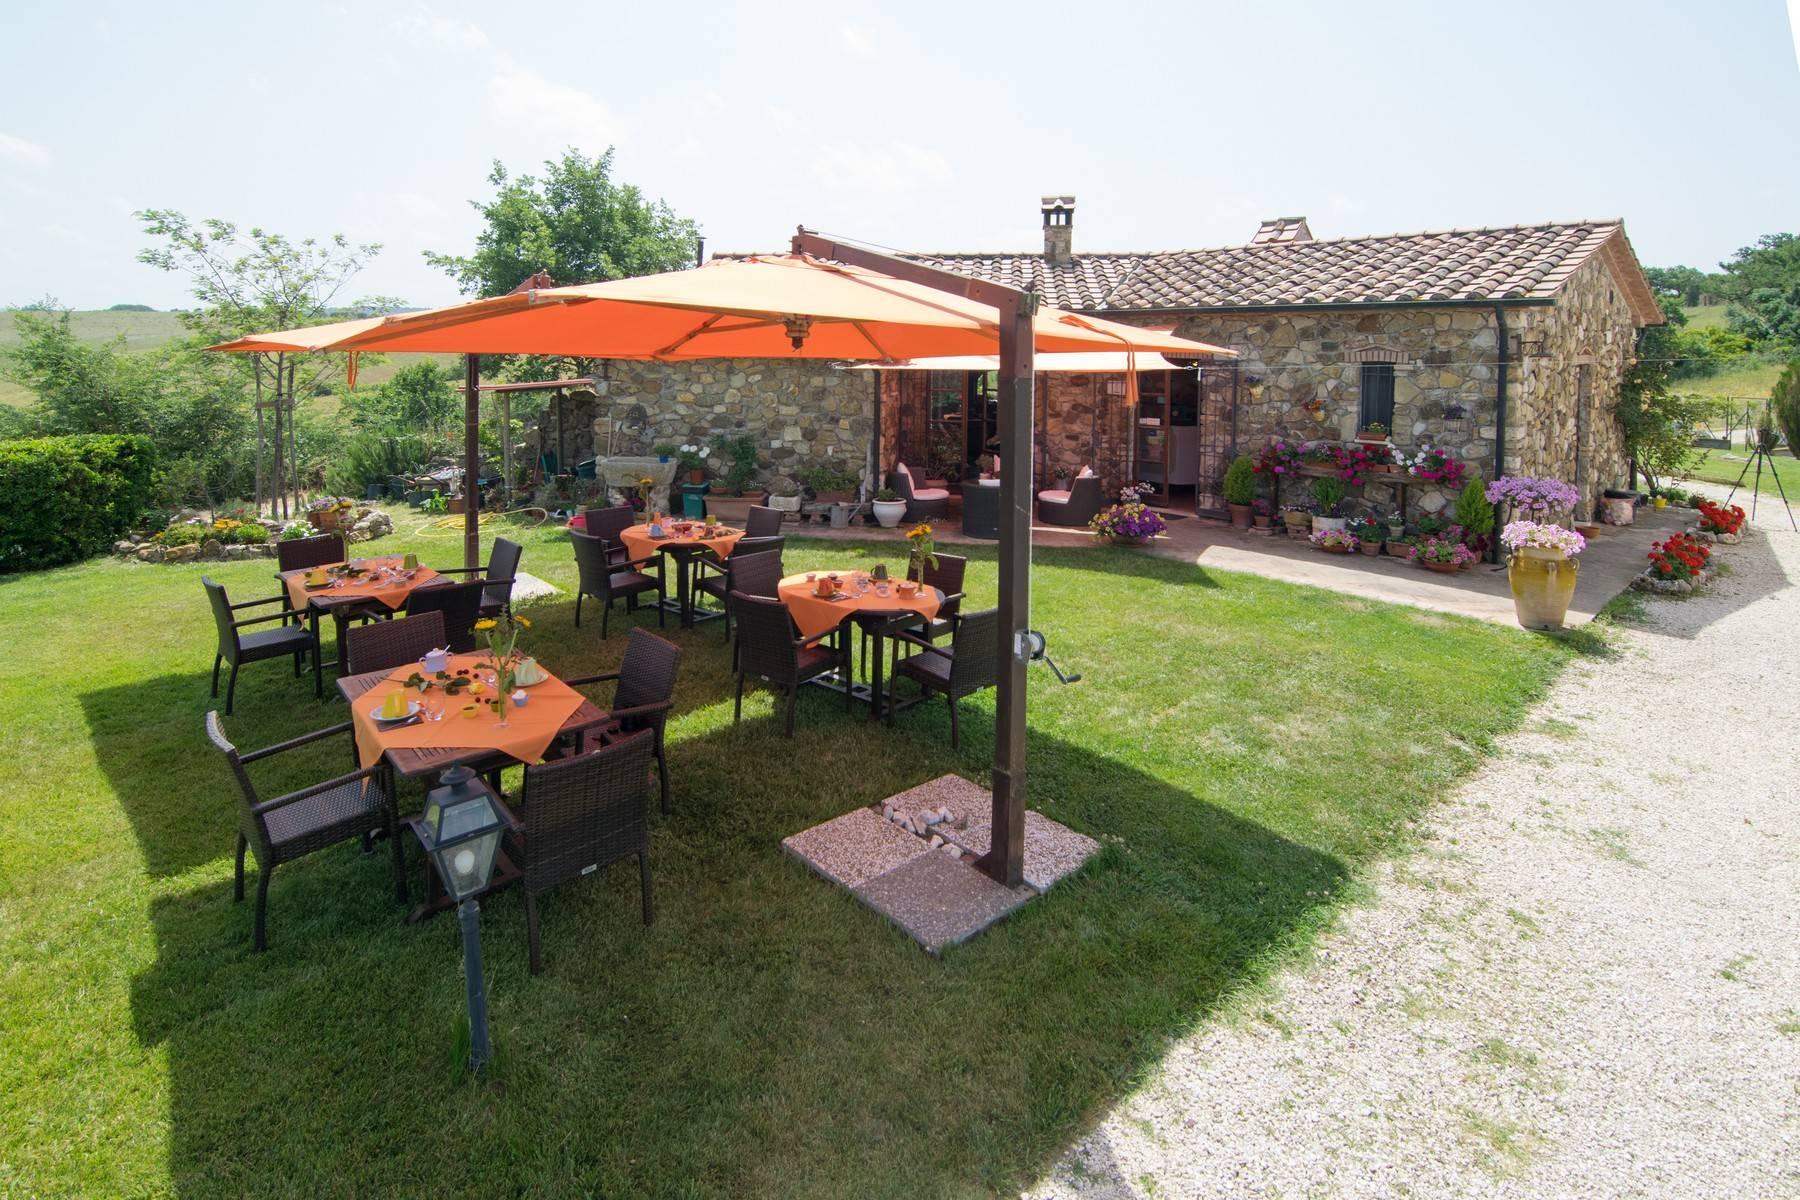 Rustico in Vendita a Manciano: 5 locali, 615 mq - Foto 7